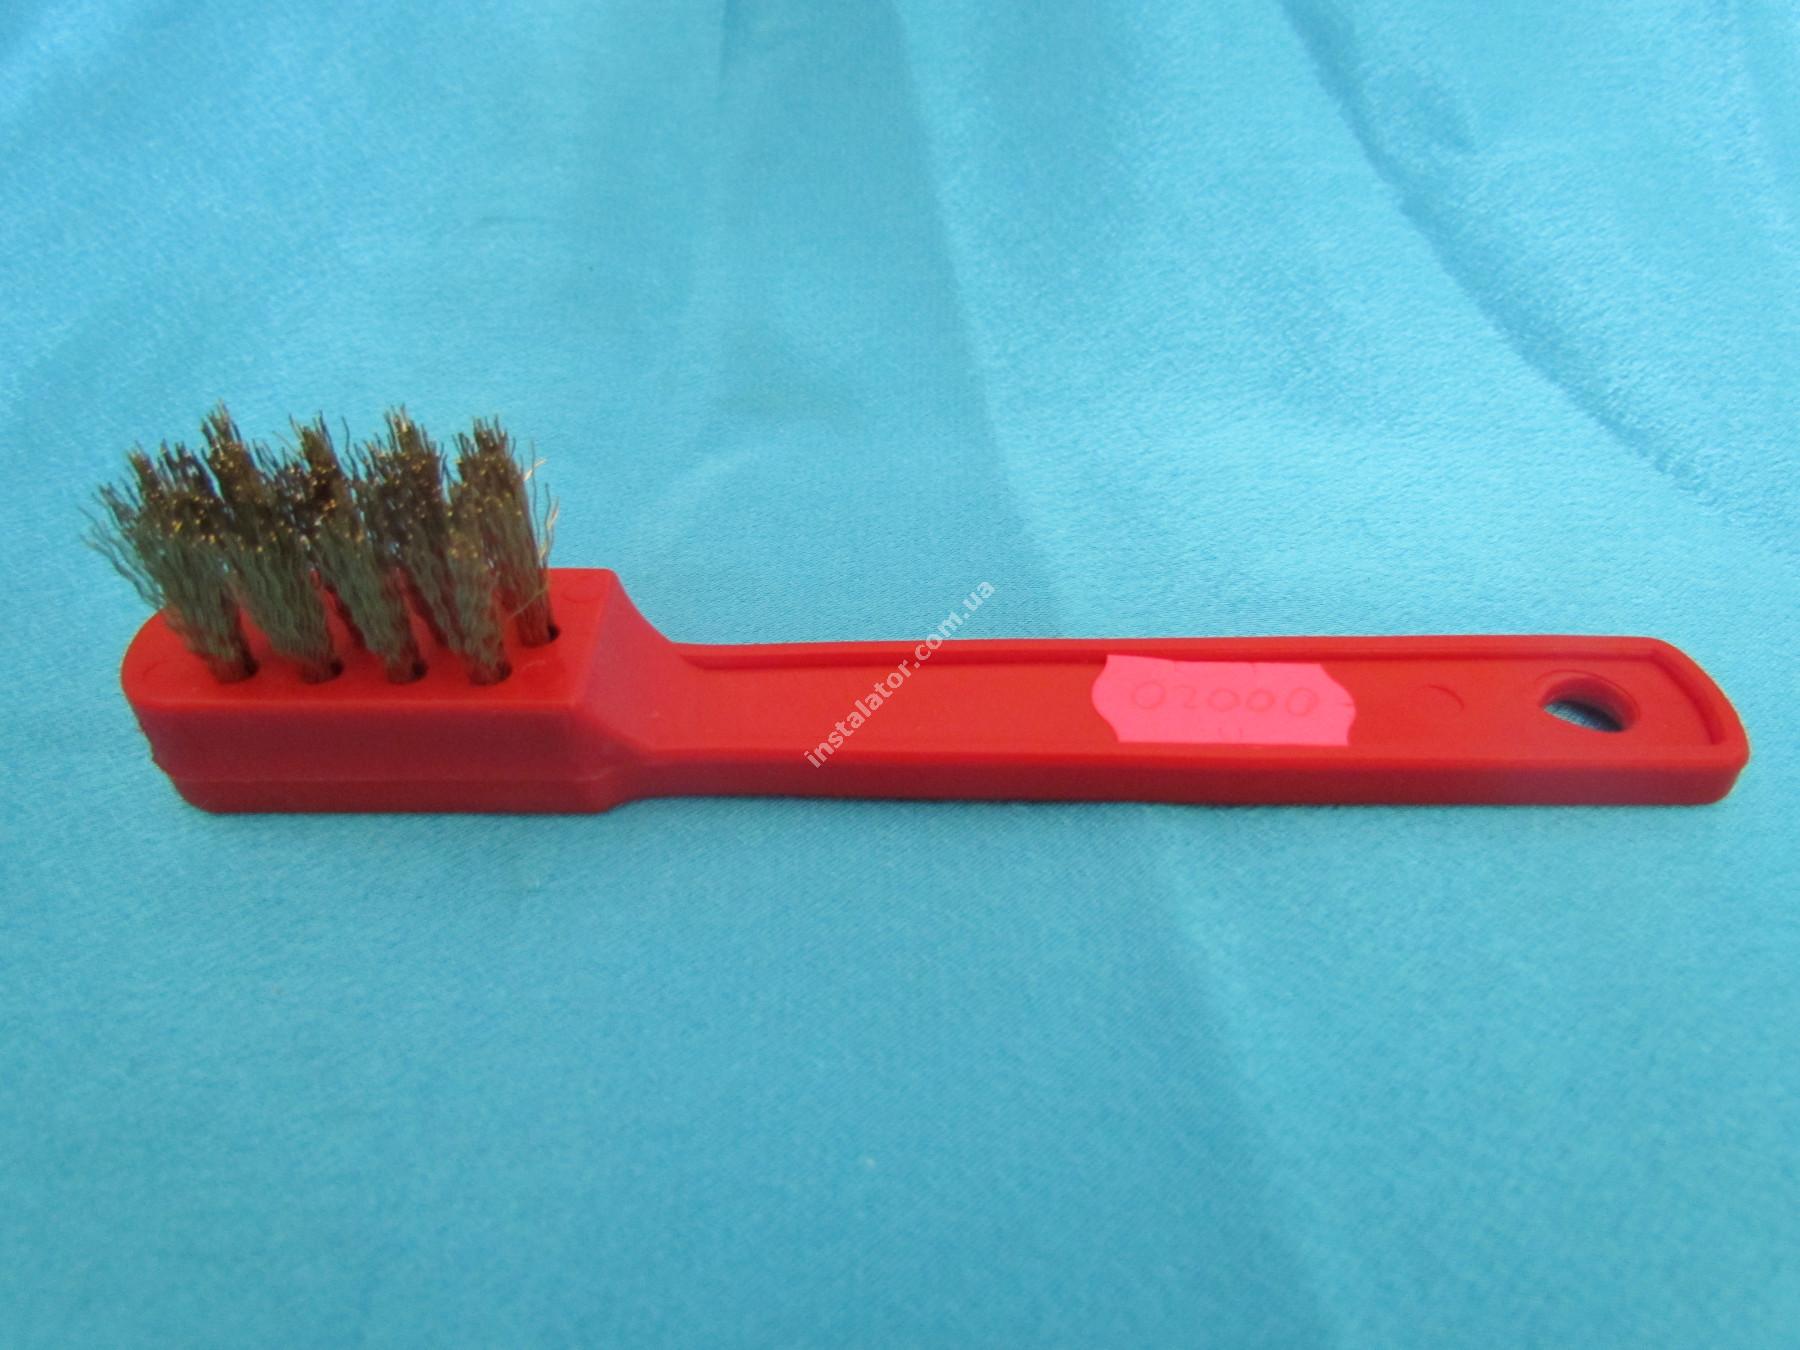 00020 Щітка для чистки 3-х ходових клапанів, пальників (метал) full-image-1